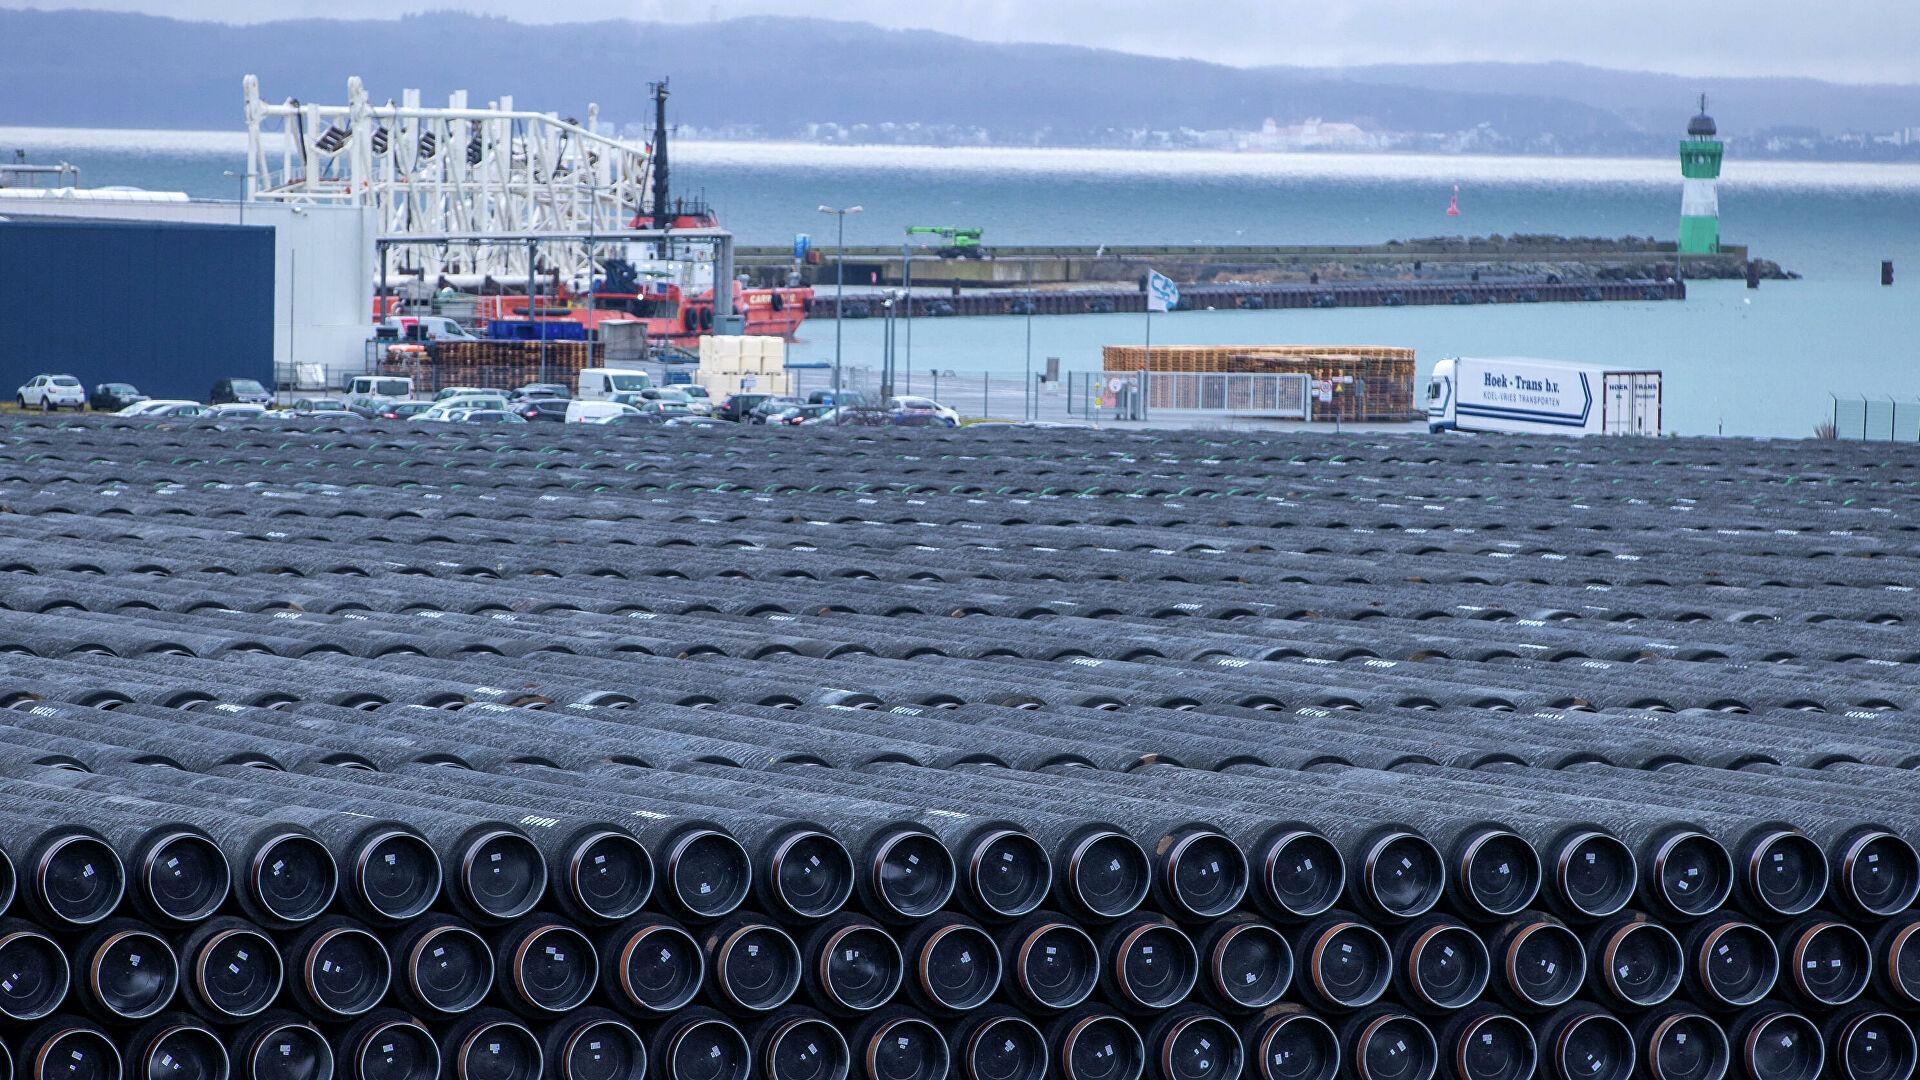 Стал известен срок окончания строительства «Северного потока — 2»